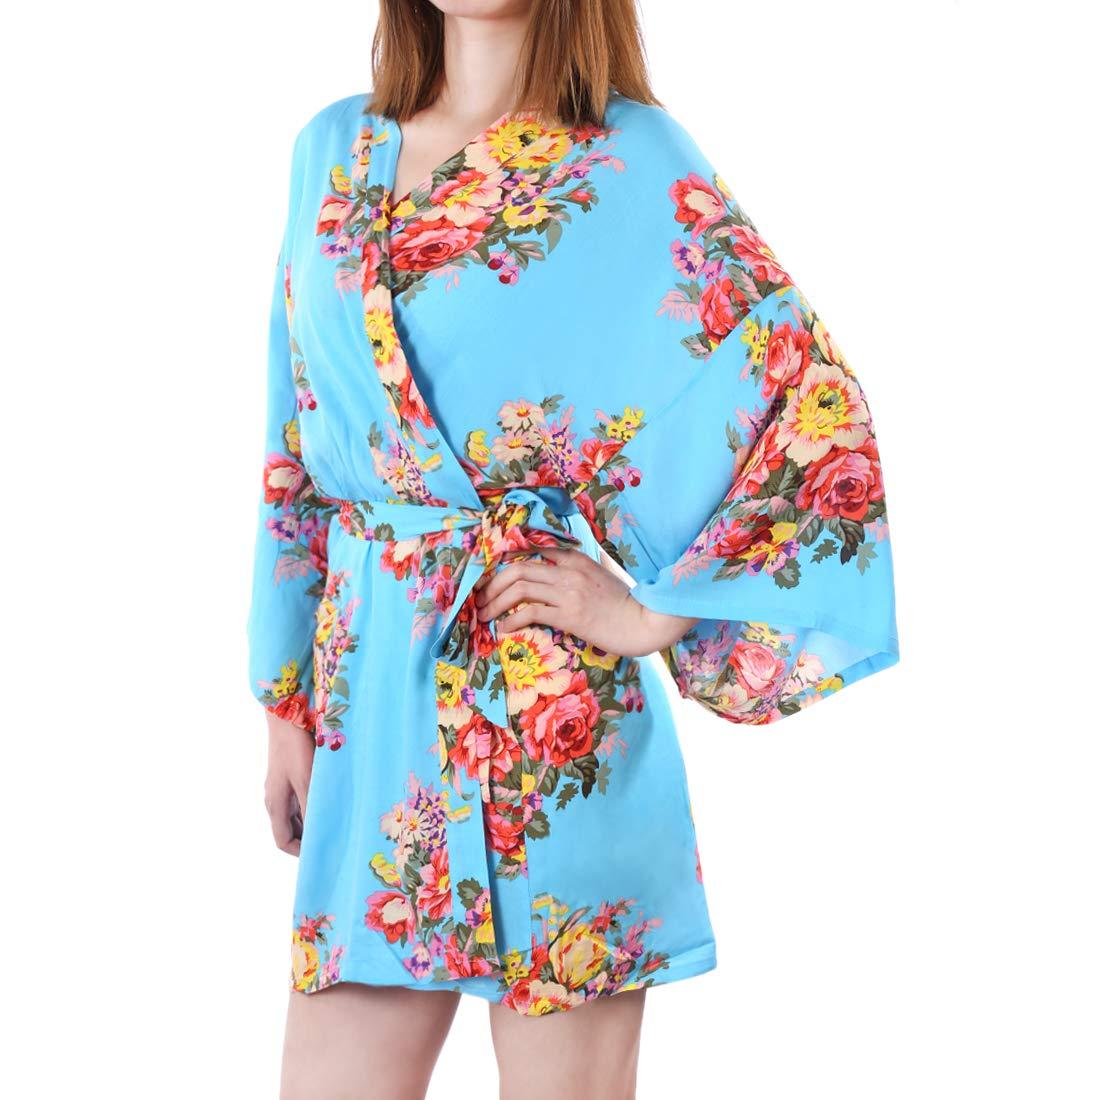 RuiyiF Floral Satin Robes for Bridesmaids, Women's Kimono Robe Plus Size Sleepware Bathrobes for Girls with Storage Bag (White)